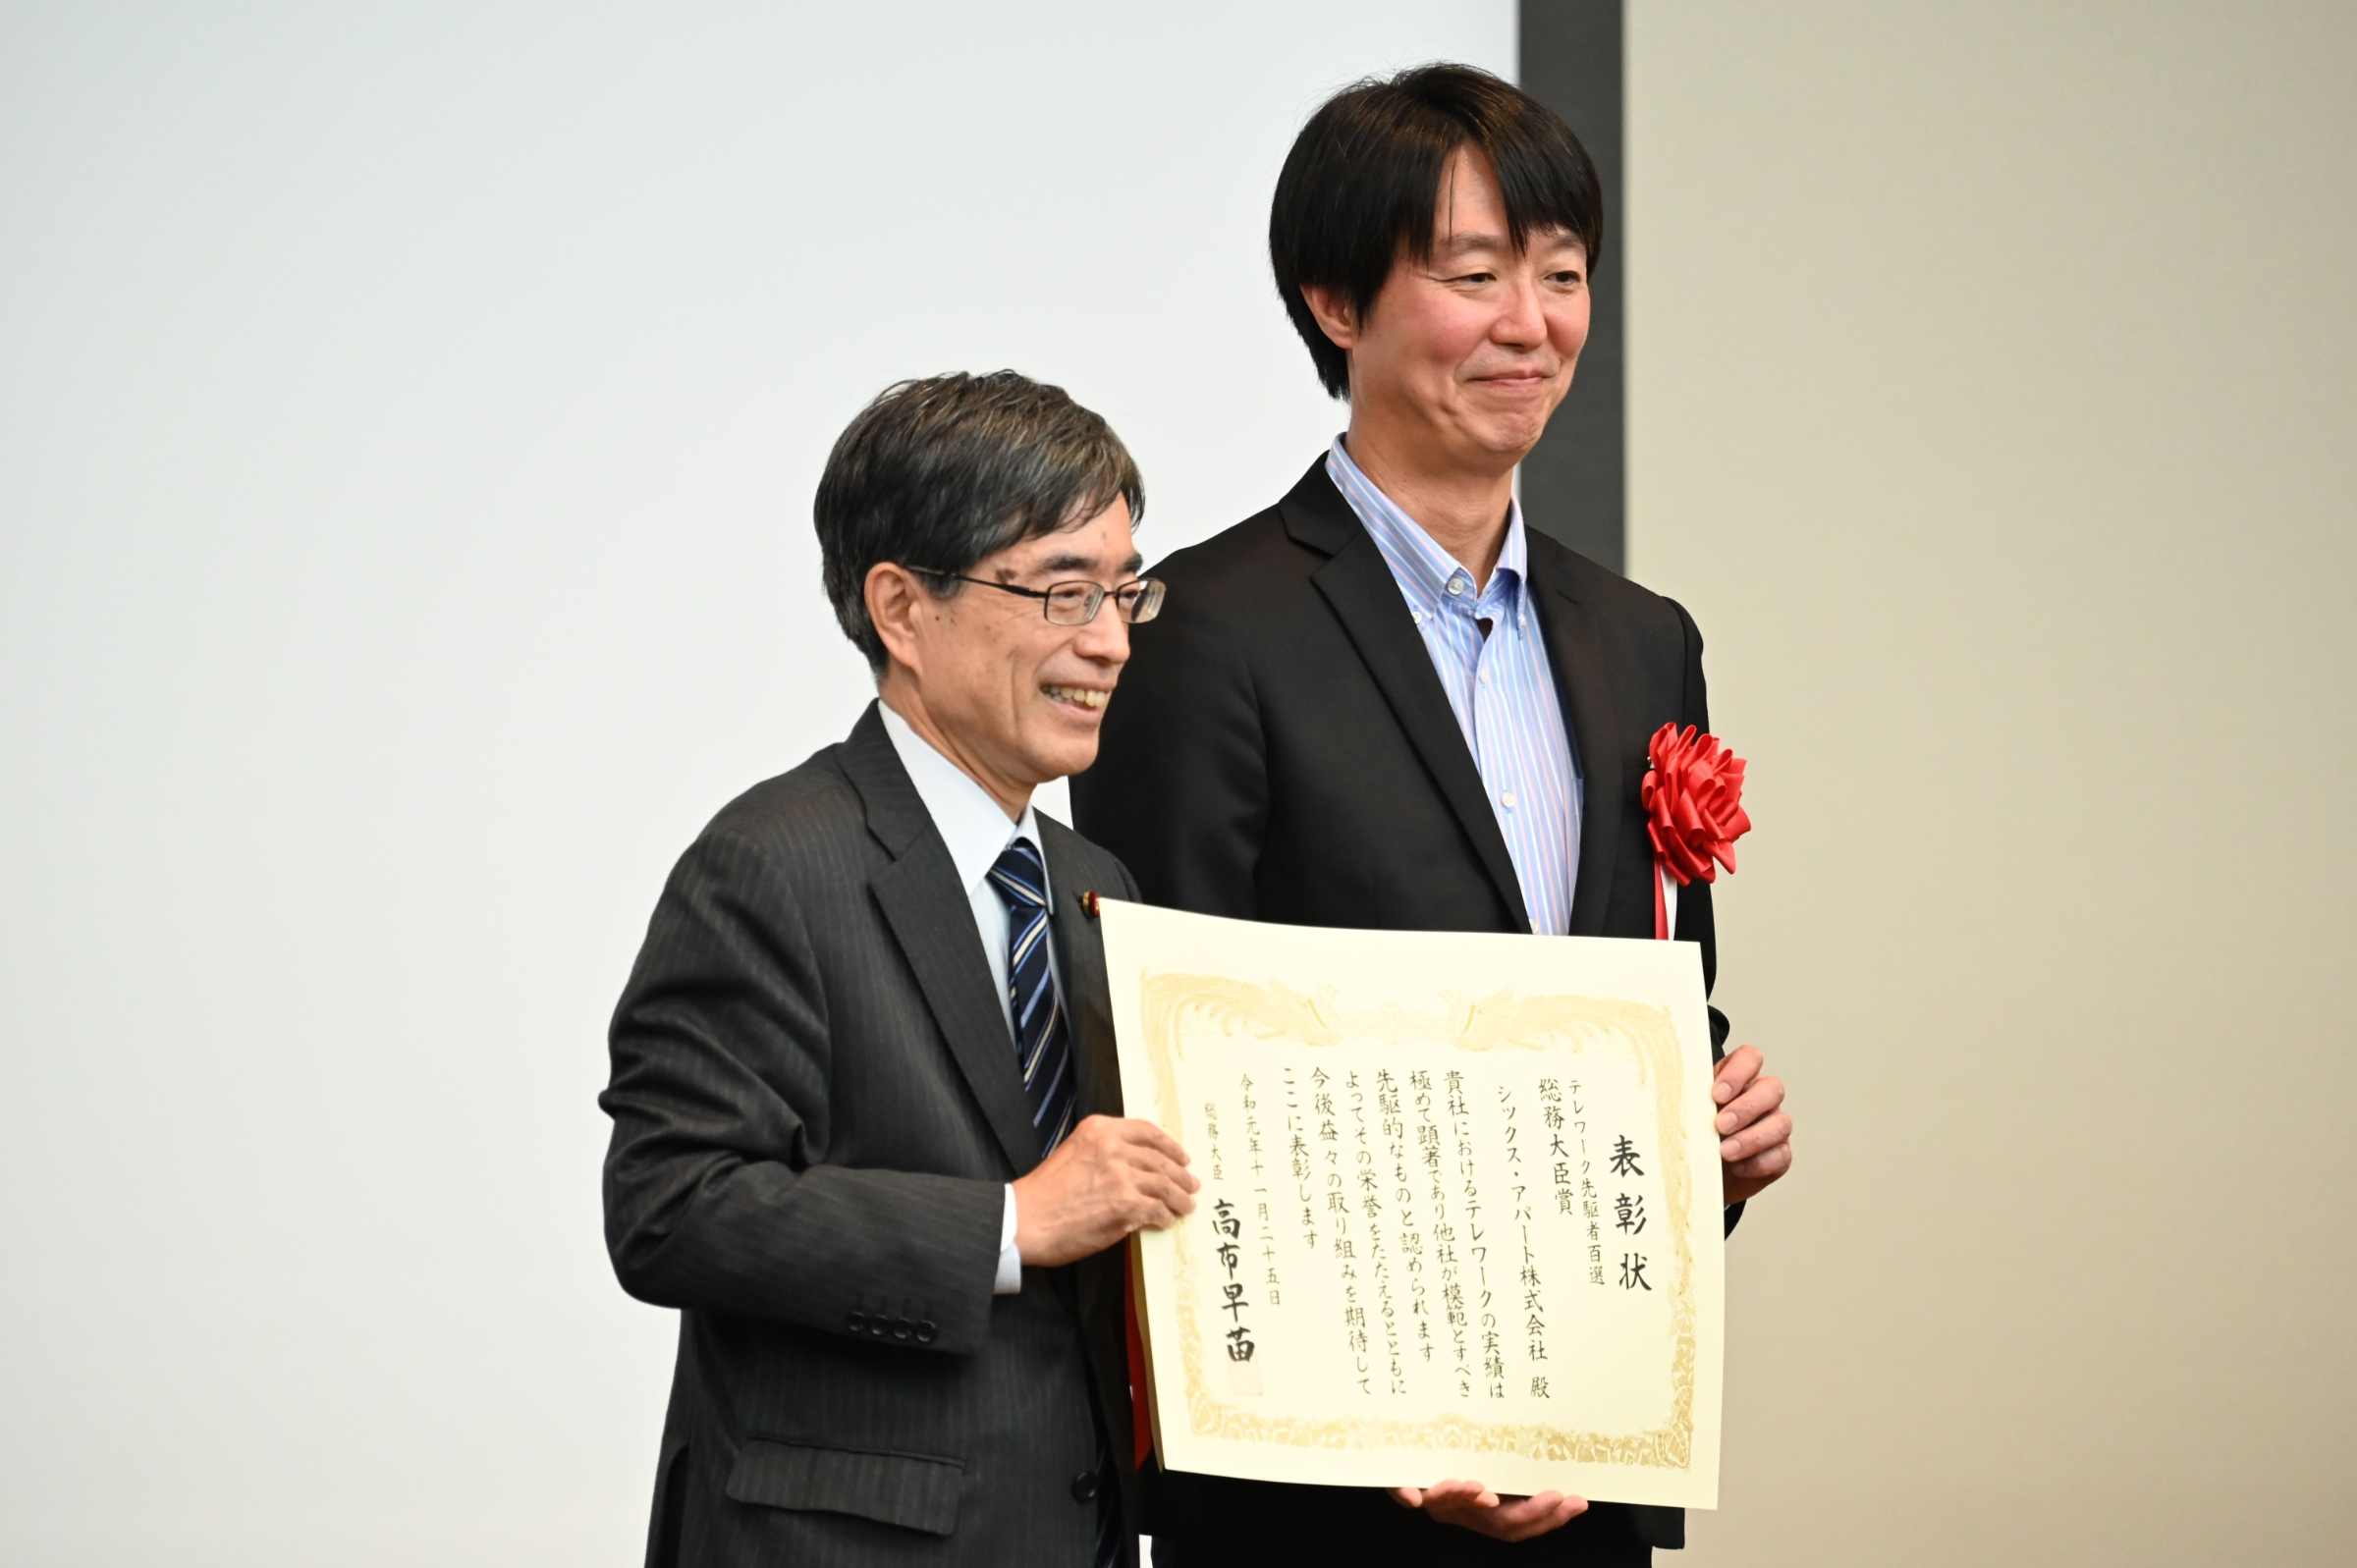 シックス・アパートが、令和元年度「テレワーク先駆者百選 総務大臣賞」を受賞しました